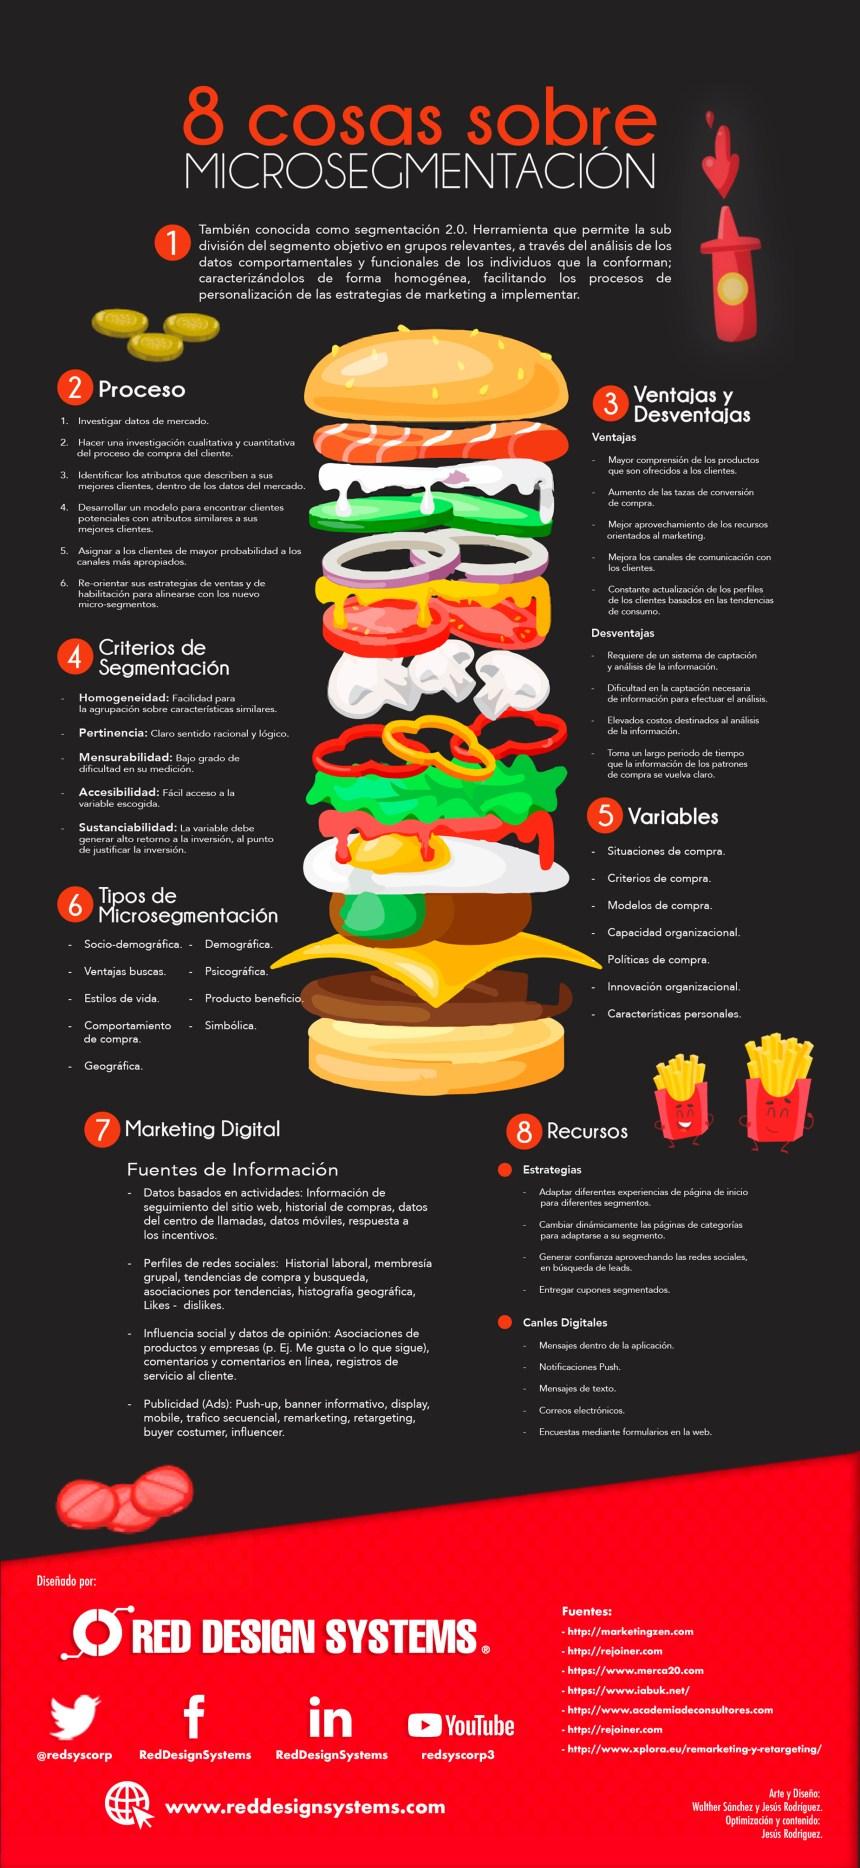 8 cosas sobre microsgmentación #infografia #infographic #marketing